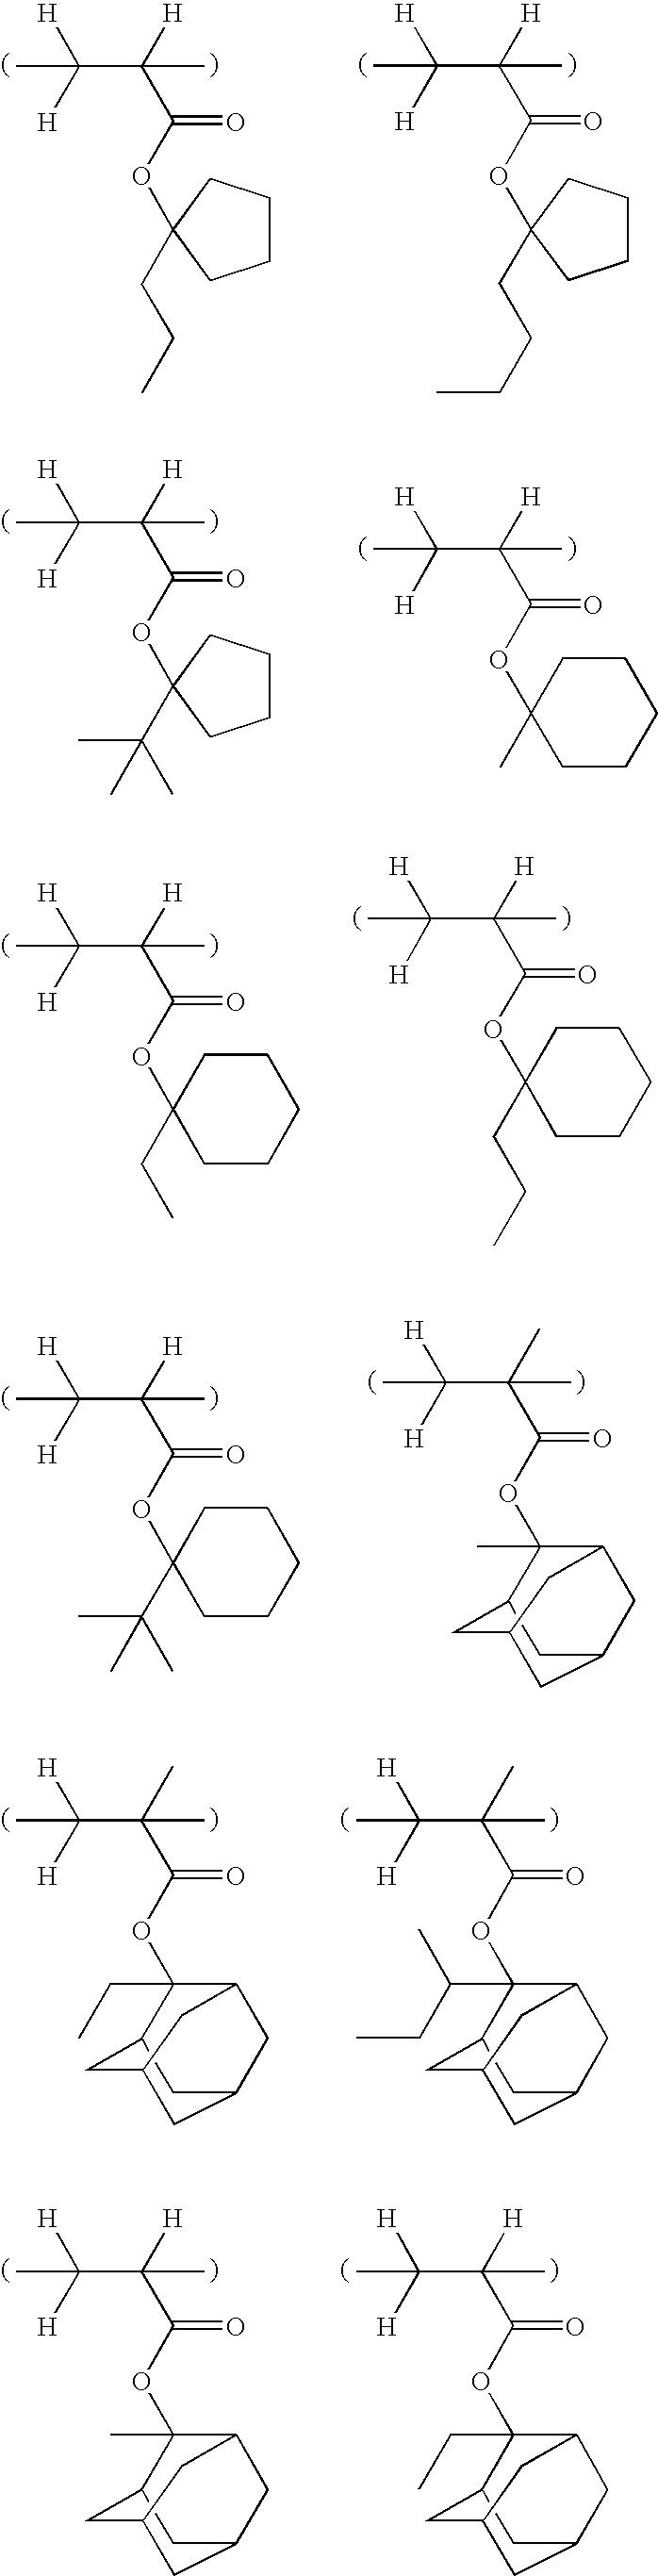 Figure US07537880-20090526-C00046